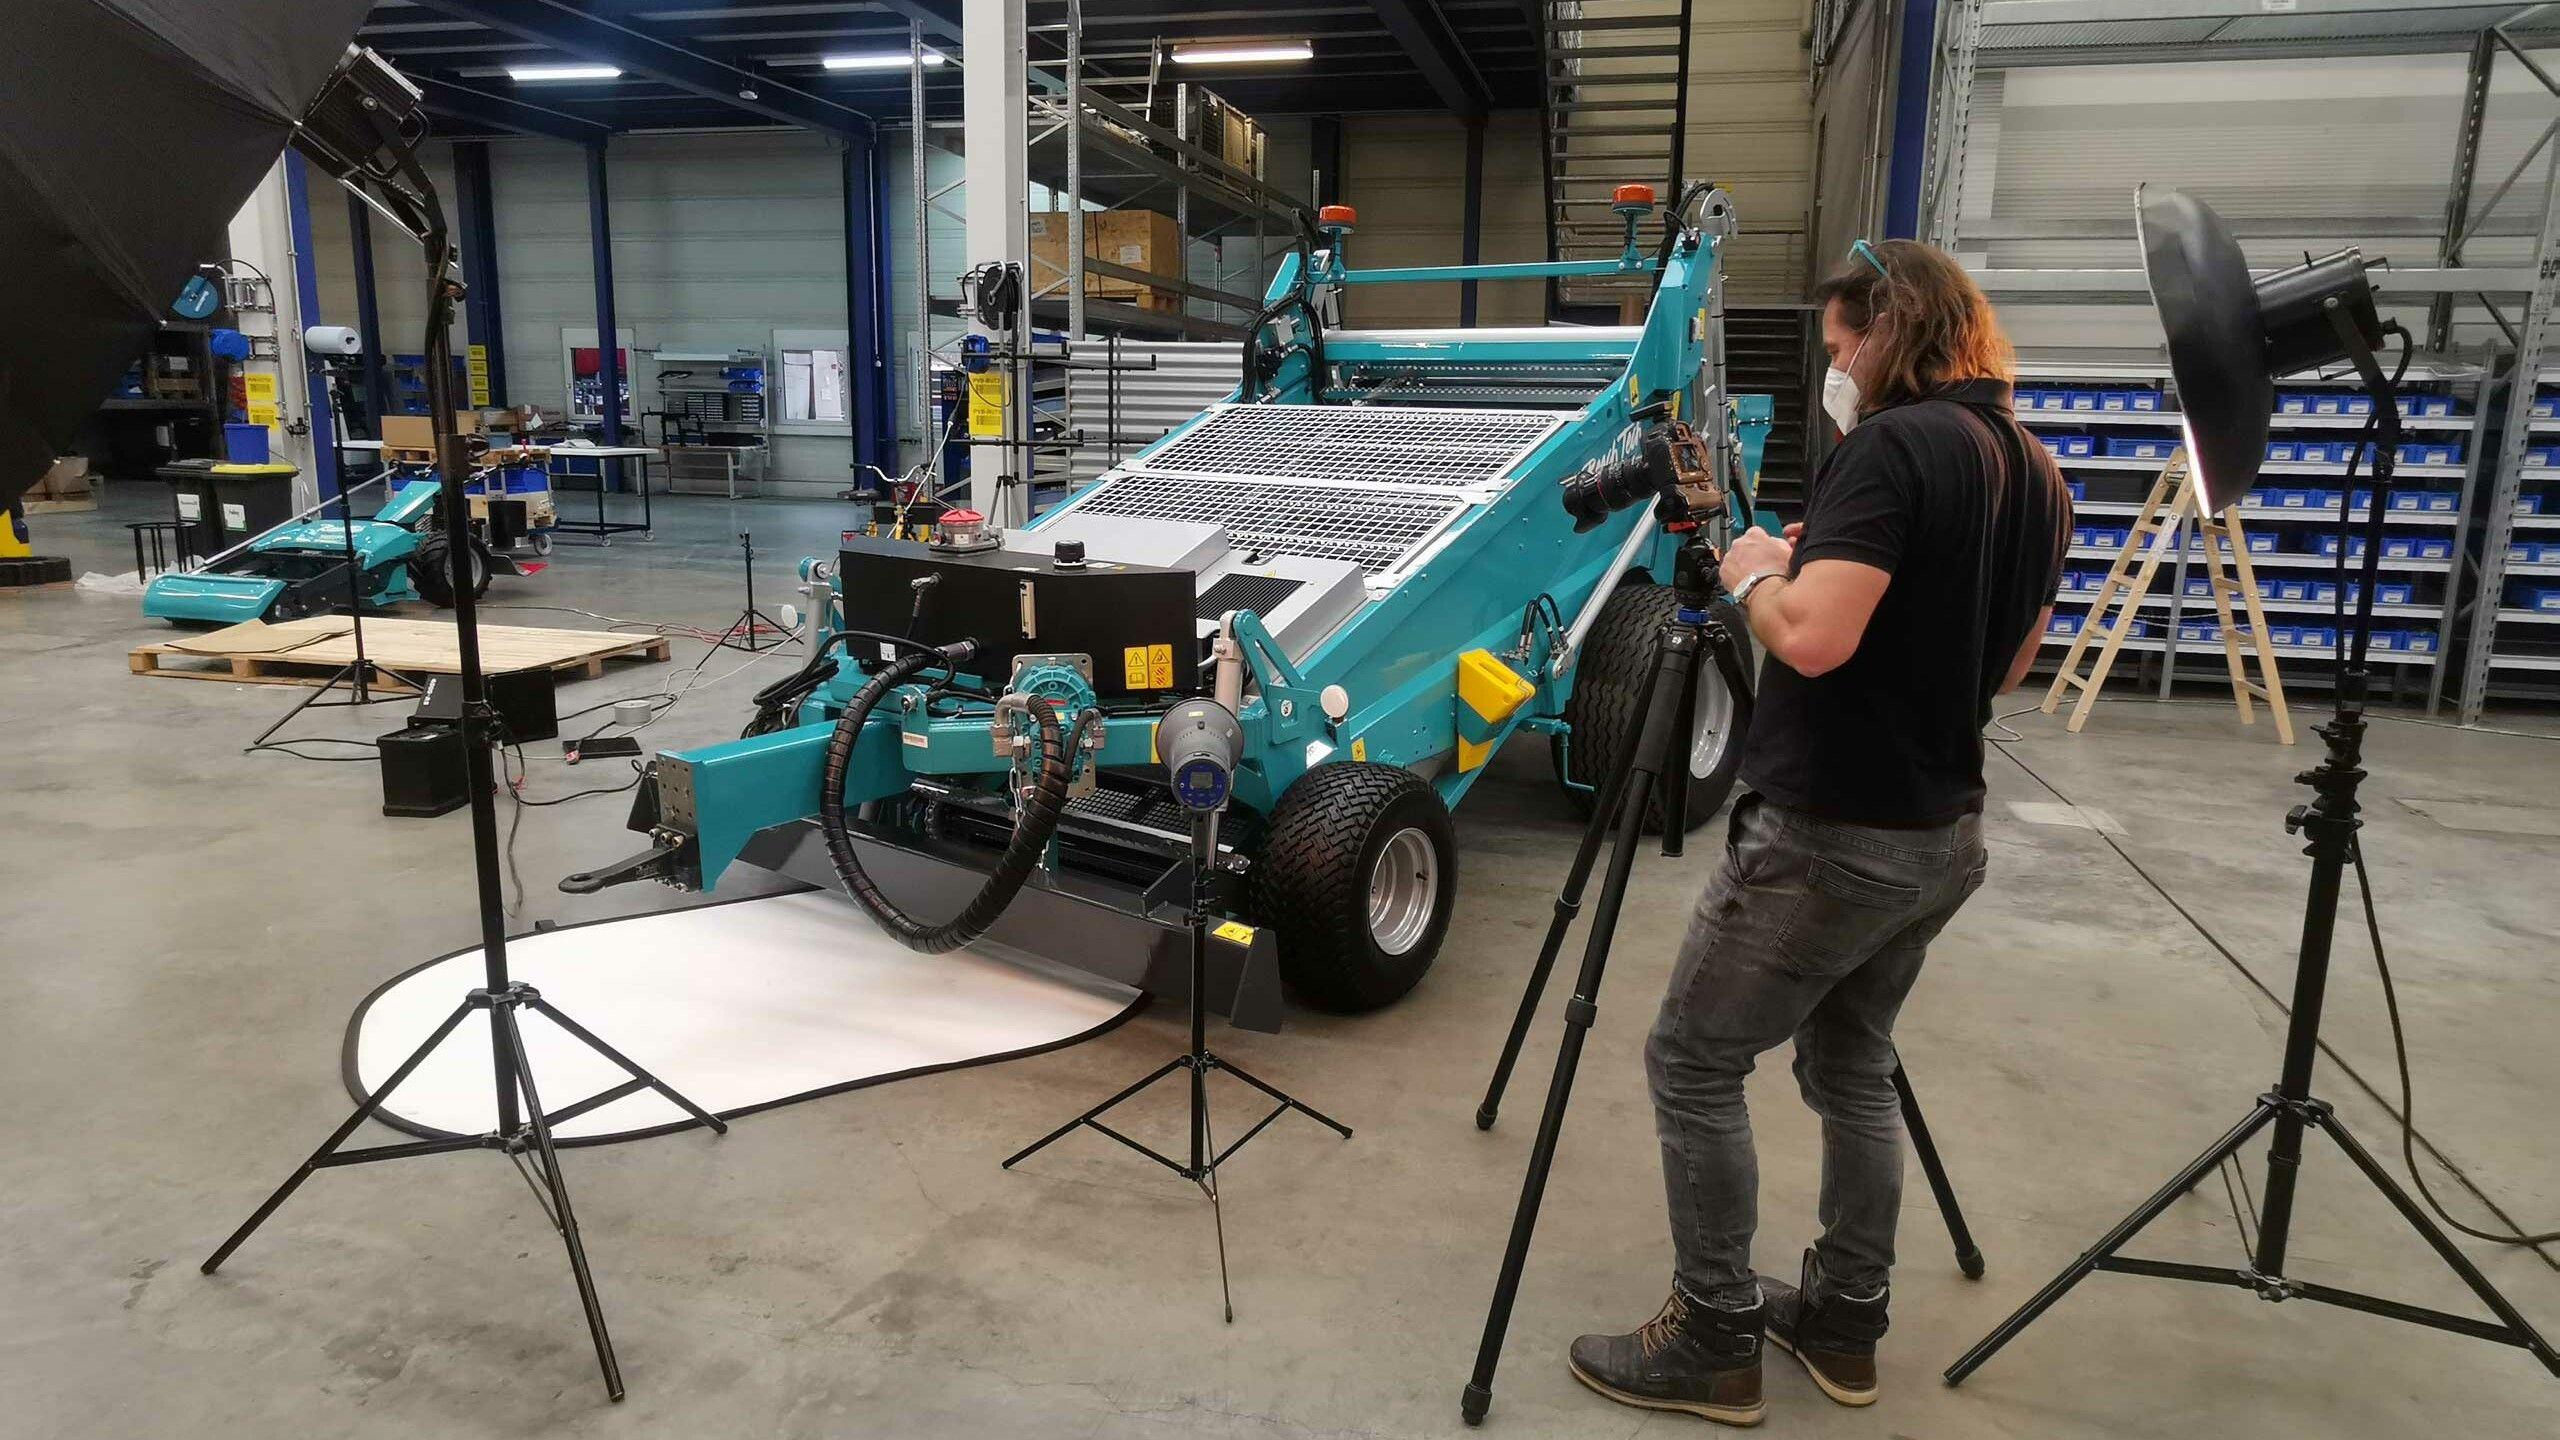 BeachTech 1500 im Showroom Making of